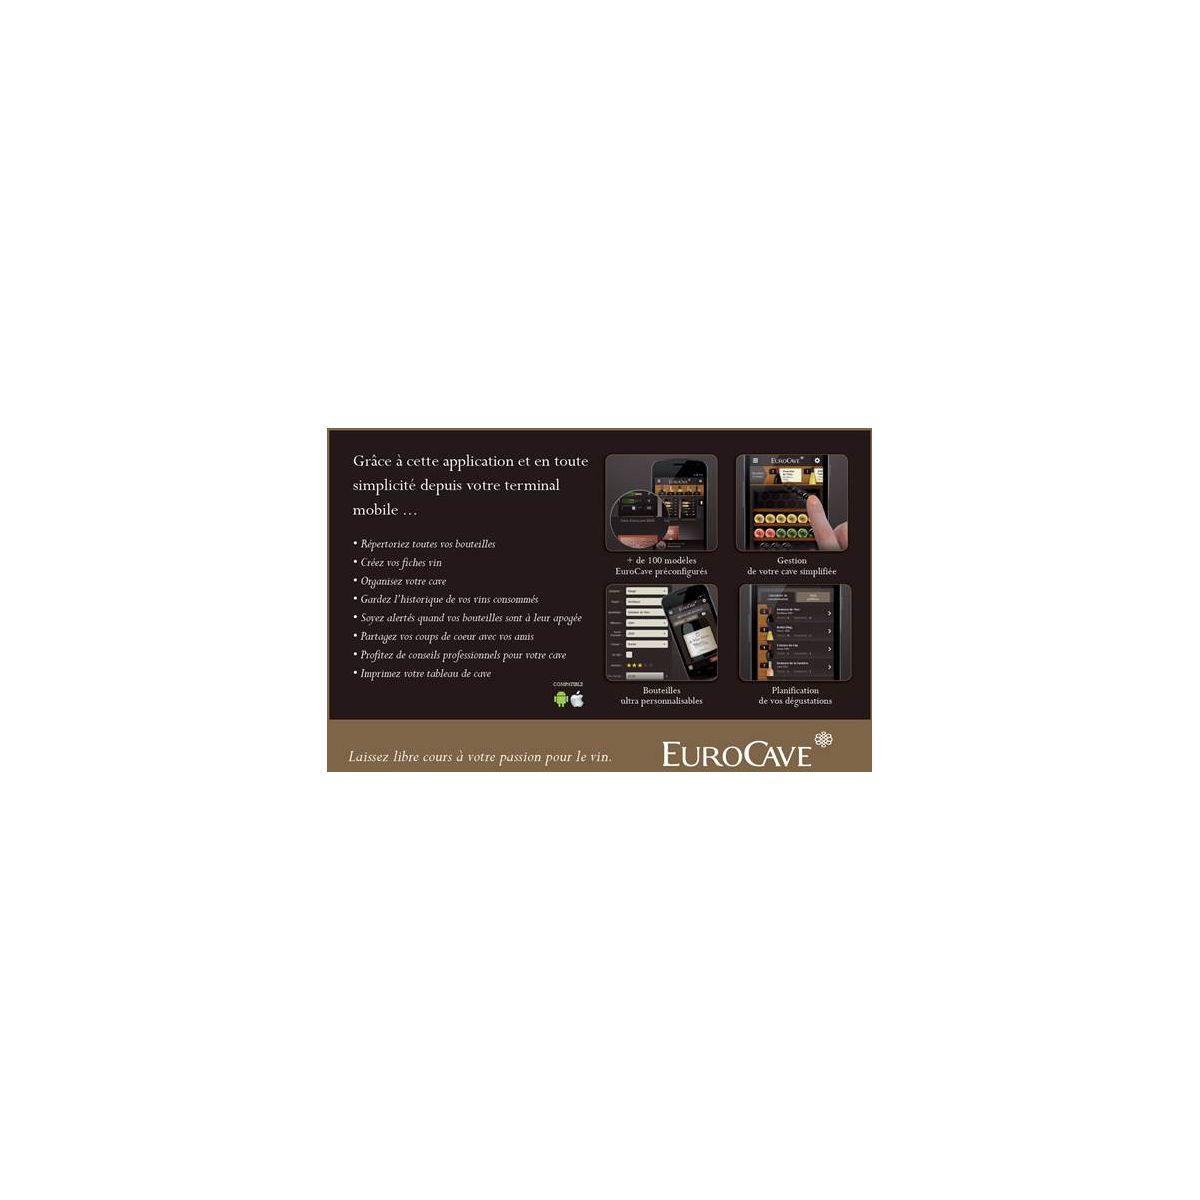 Cave de vieillissement artevino oxygen oxg1t230npd - livraison offerte : code livp (photo)